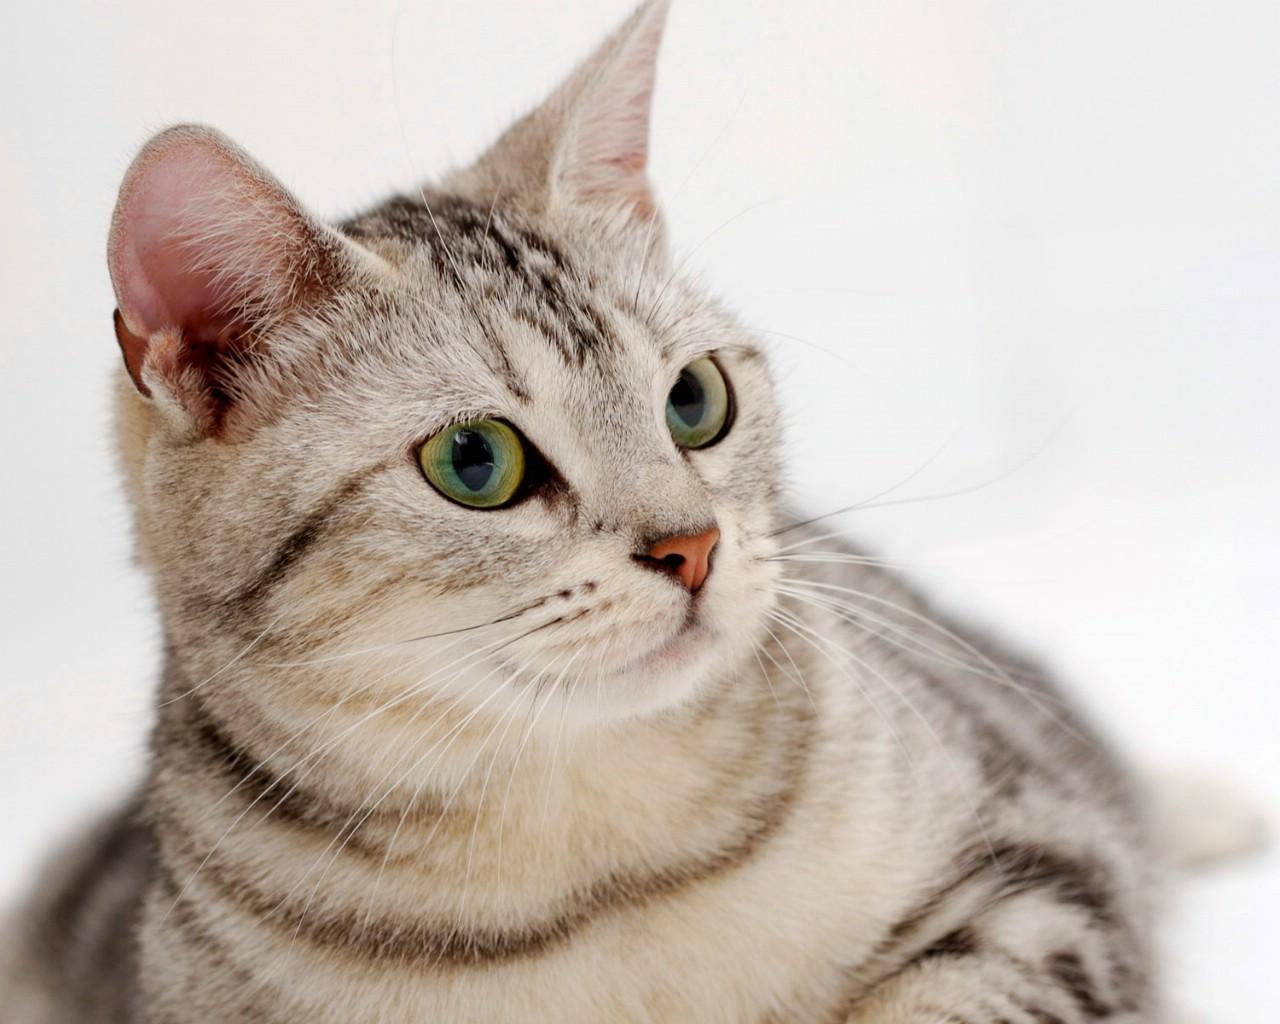 可爱小猫咪图片 超可爱小猫咪图片 可爱小猫咪卖萌图片 可爱小猫咪